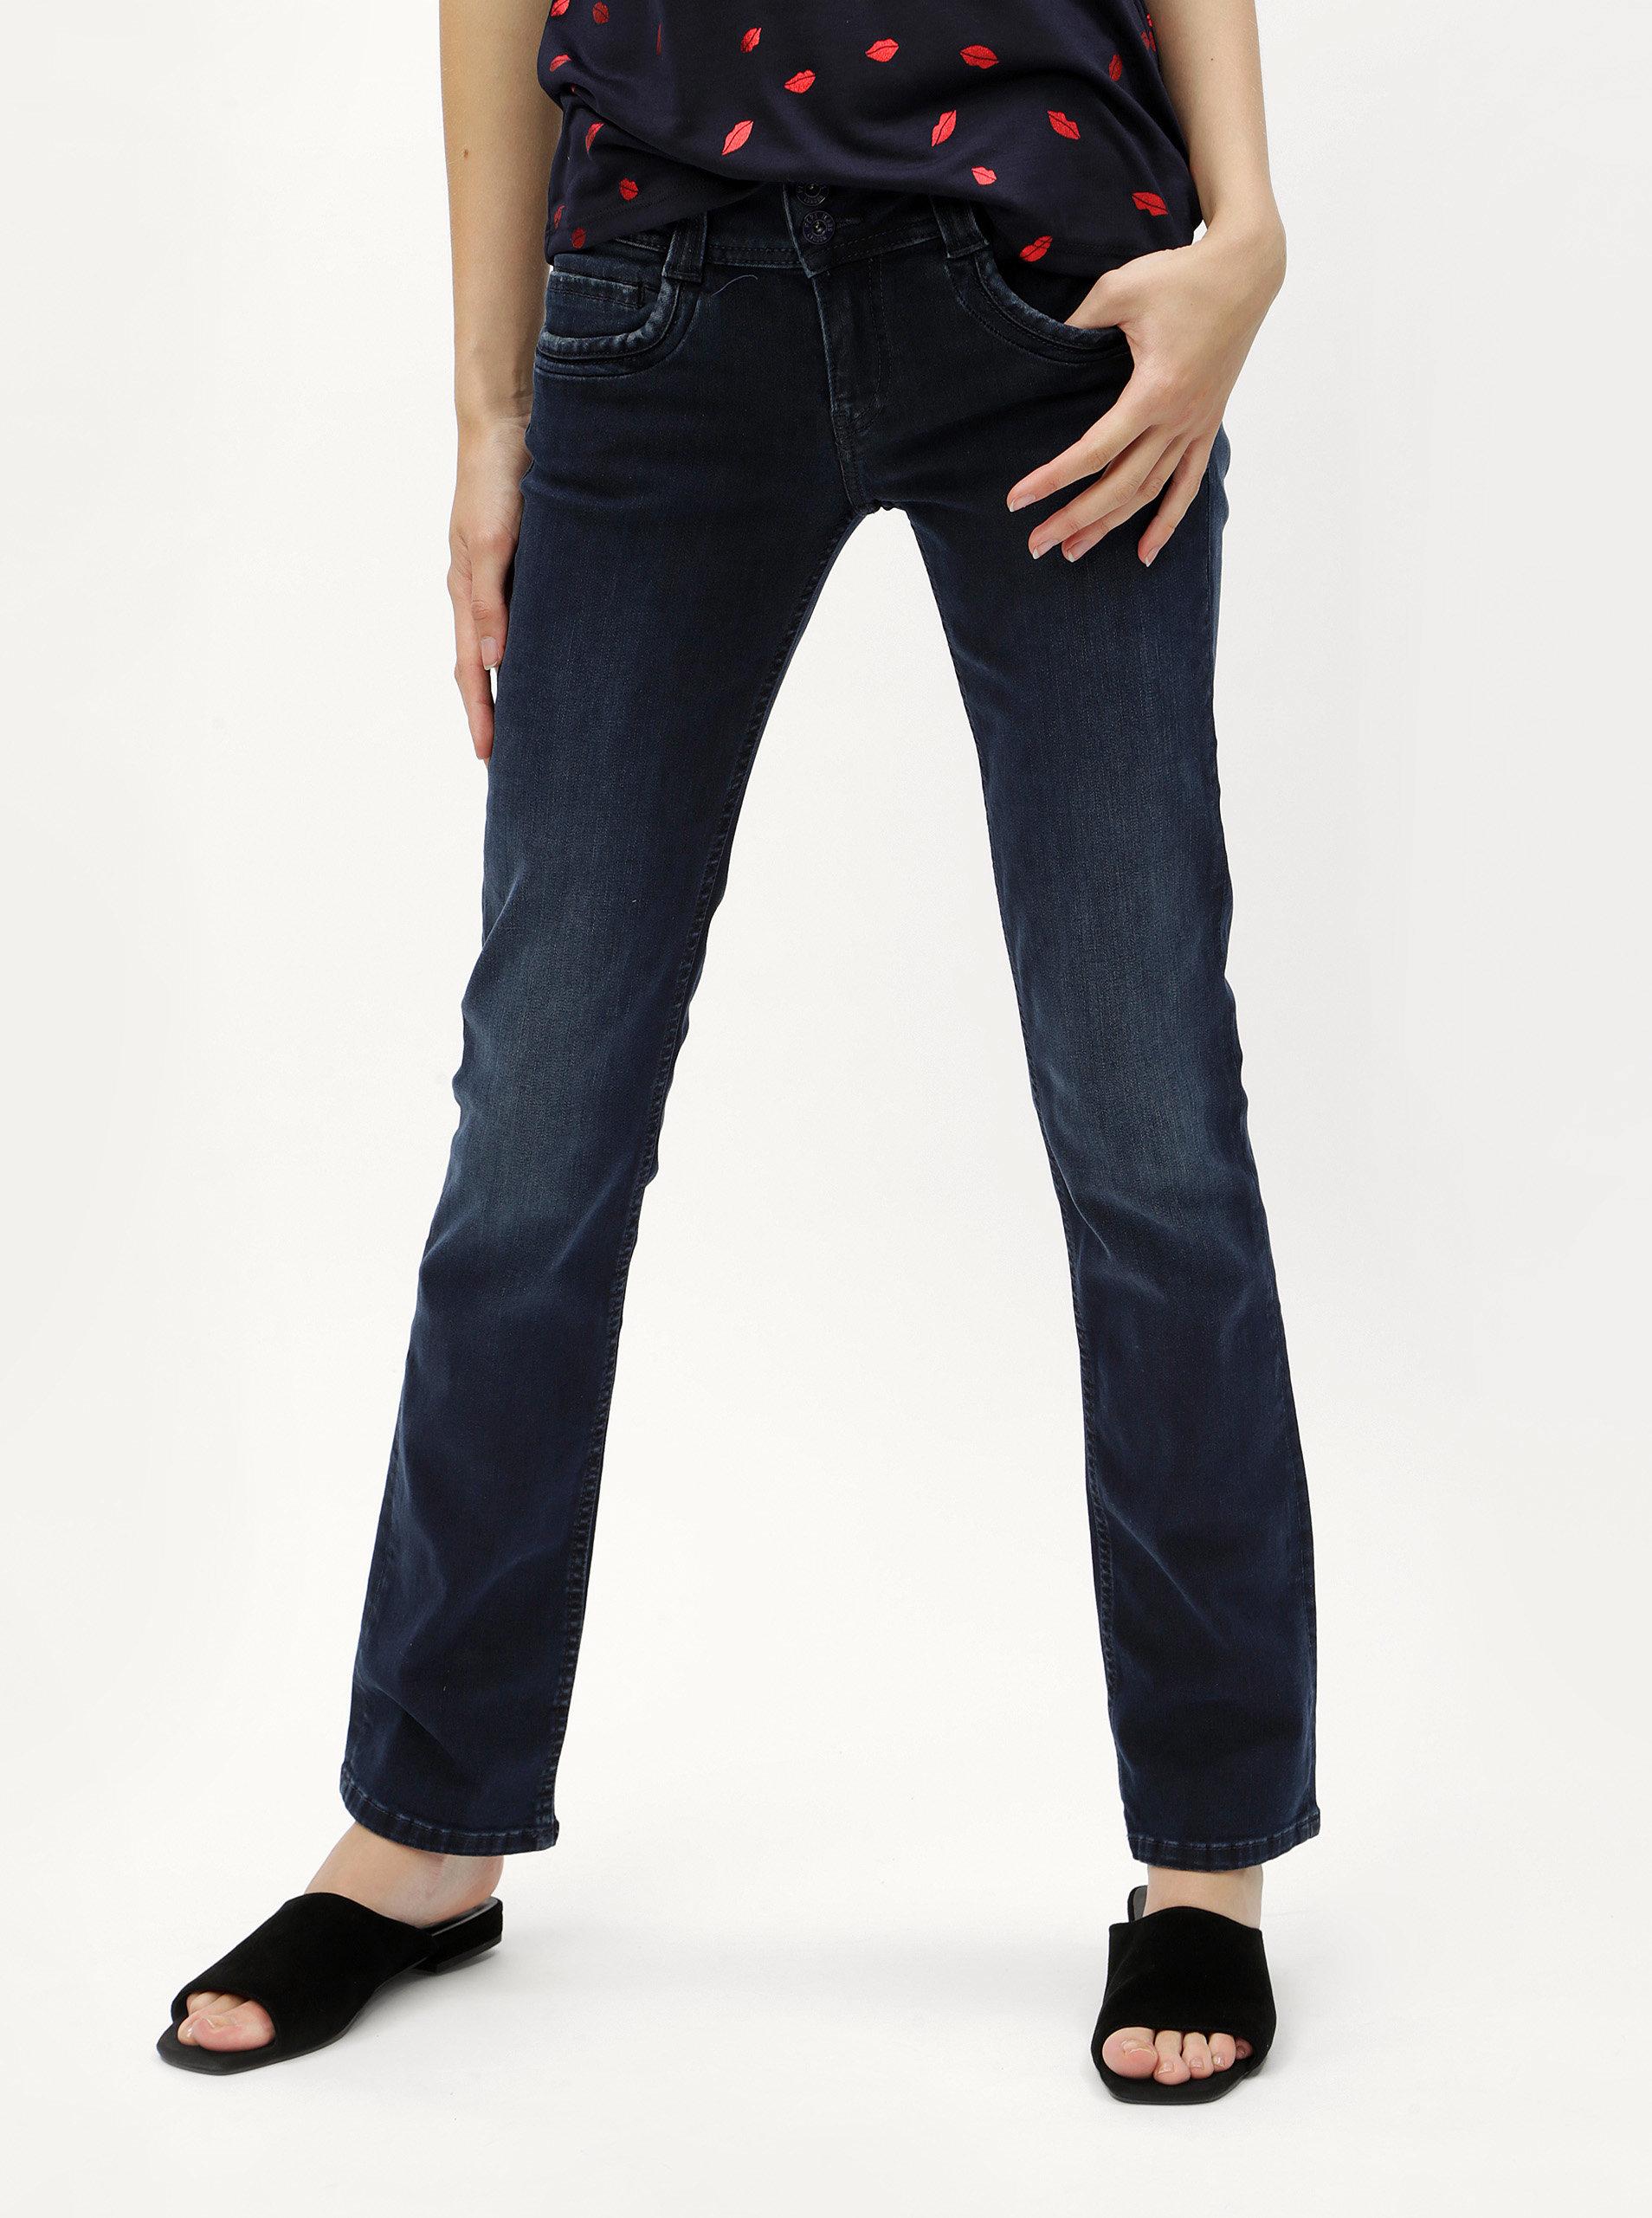 589997e51e8 Tmavě modré dámské straight džíny Pepe Jeans Gen ...